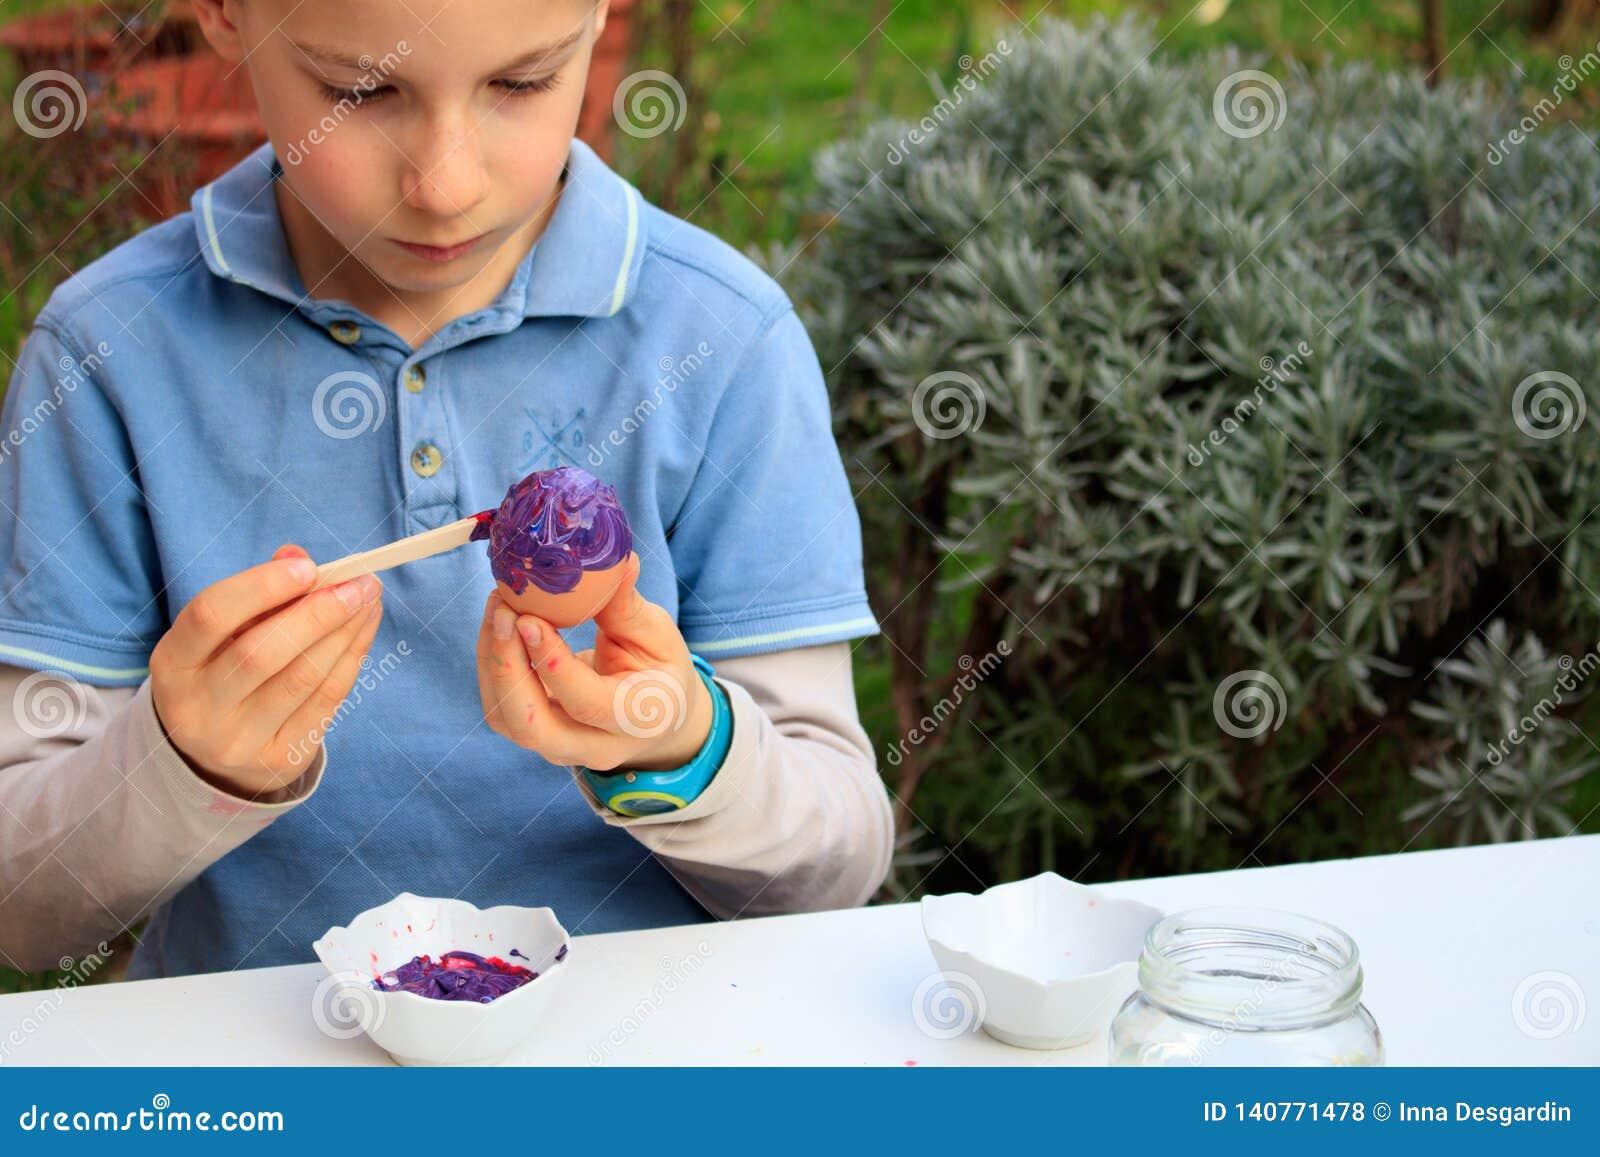 Młoda chłopiec maluje Wielkanocnych jajka plenerowych w Francja Wielkanocnych dzieci kreatywnie aktywność